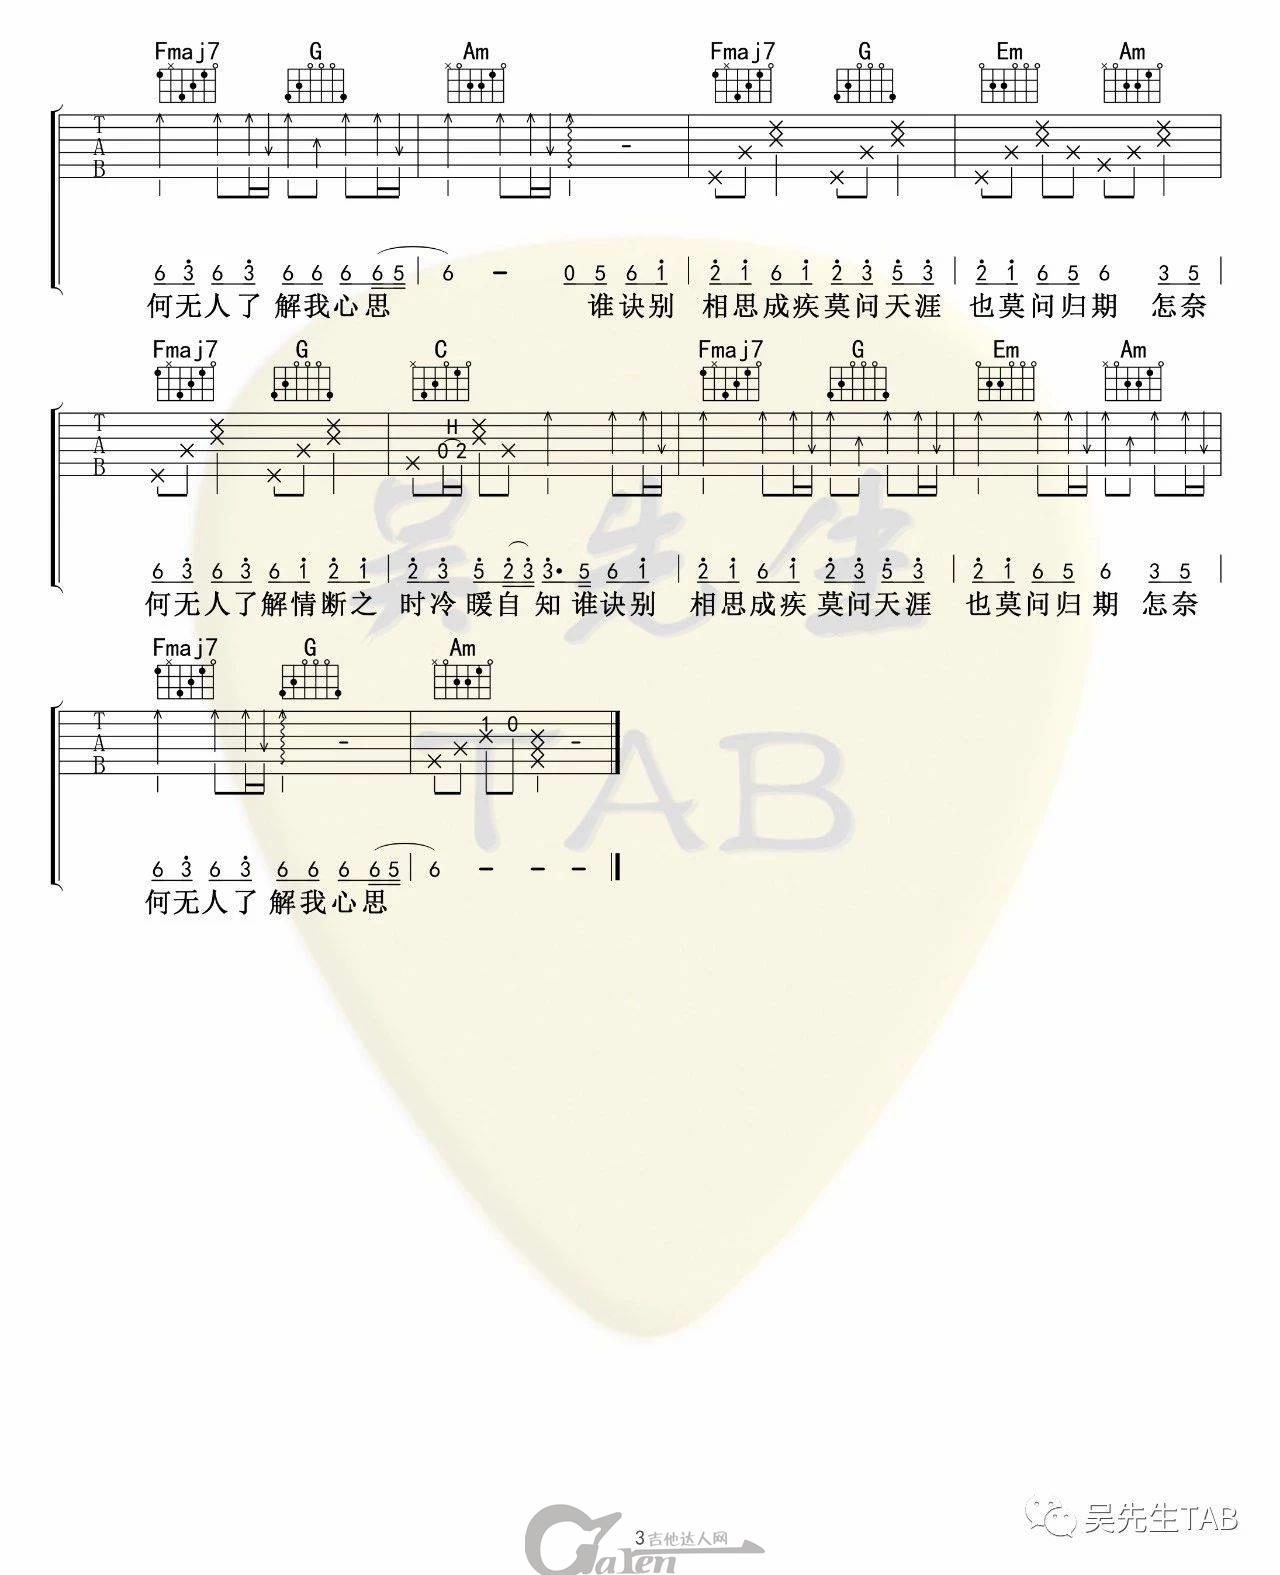 蒋雪儿《莫问归期》C调吉他谱_吉他教学视频_吉他达人网